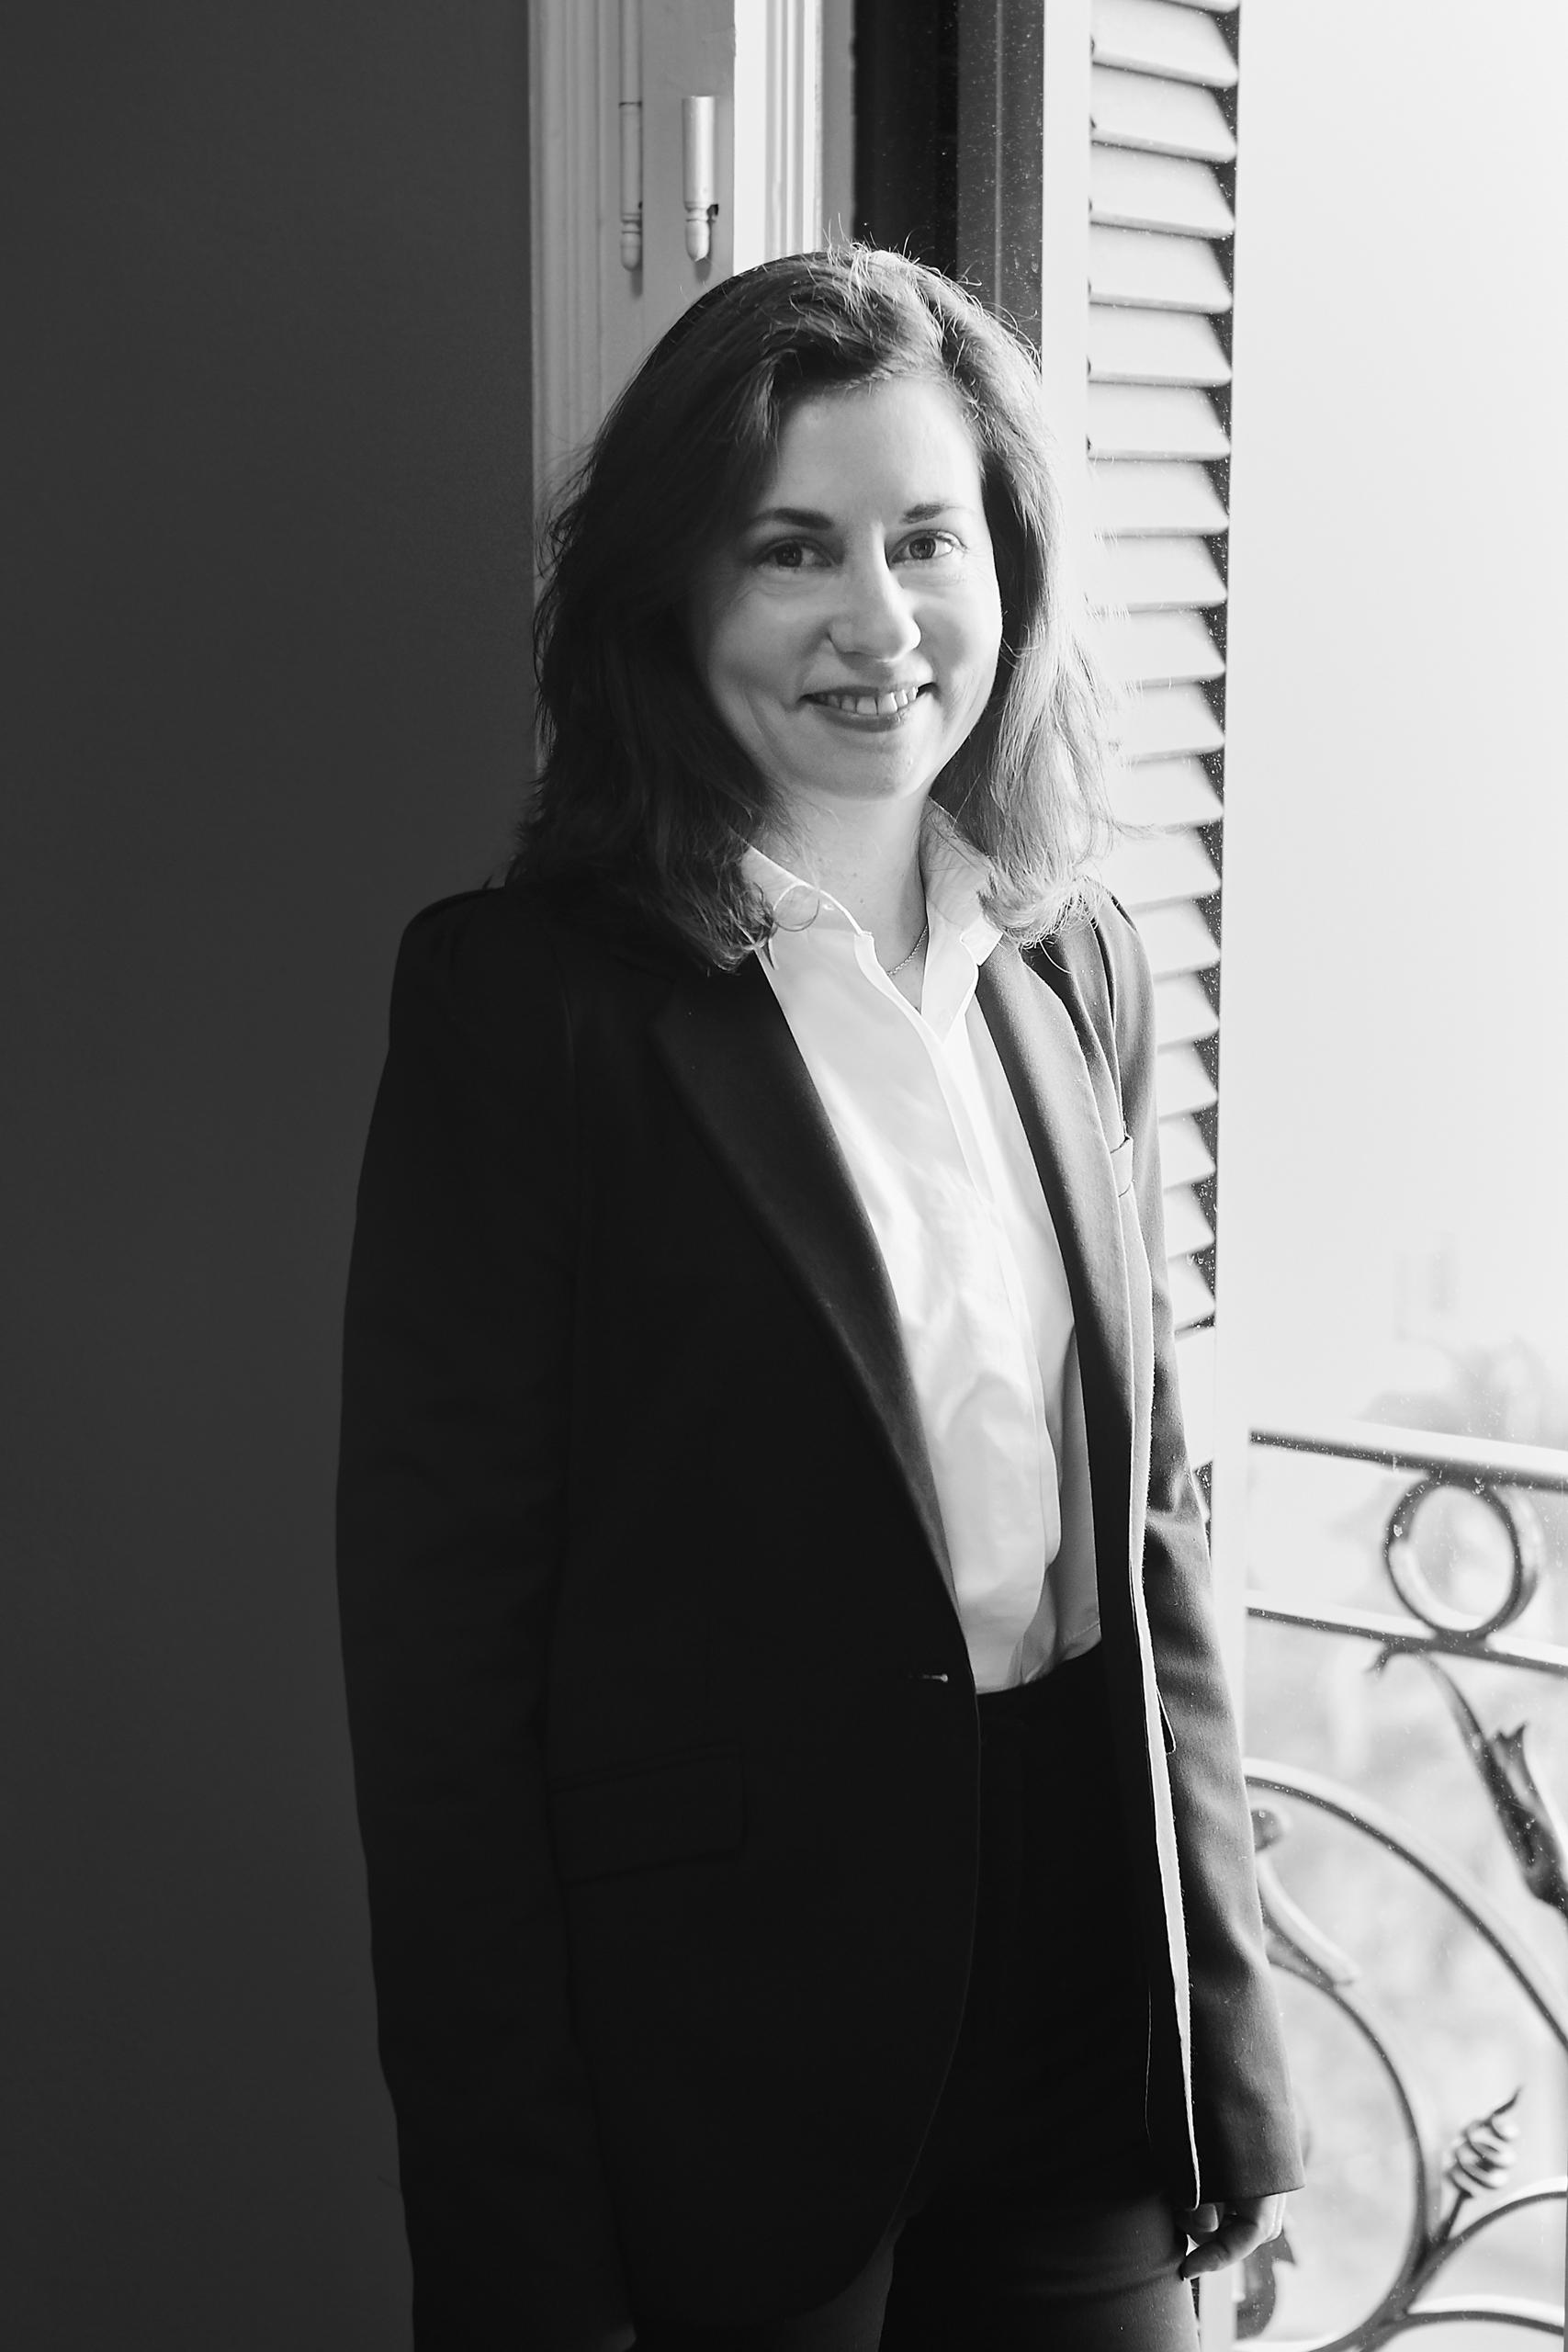 Cristina Garrido Ramón